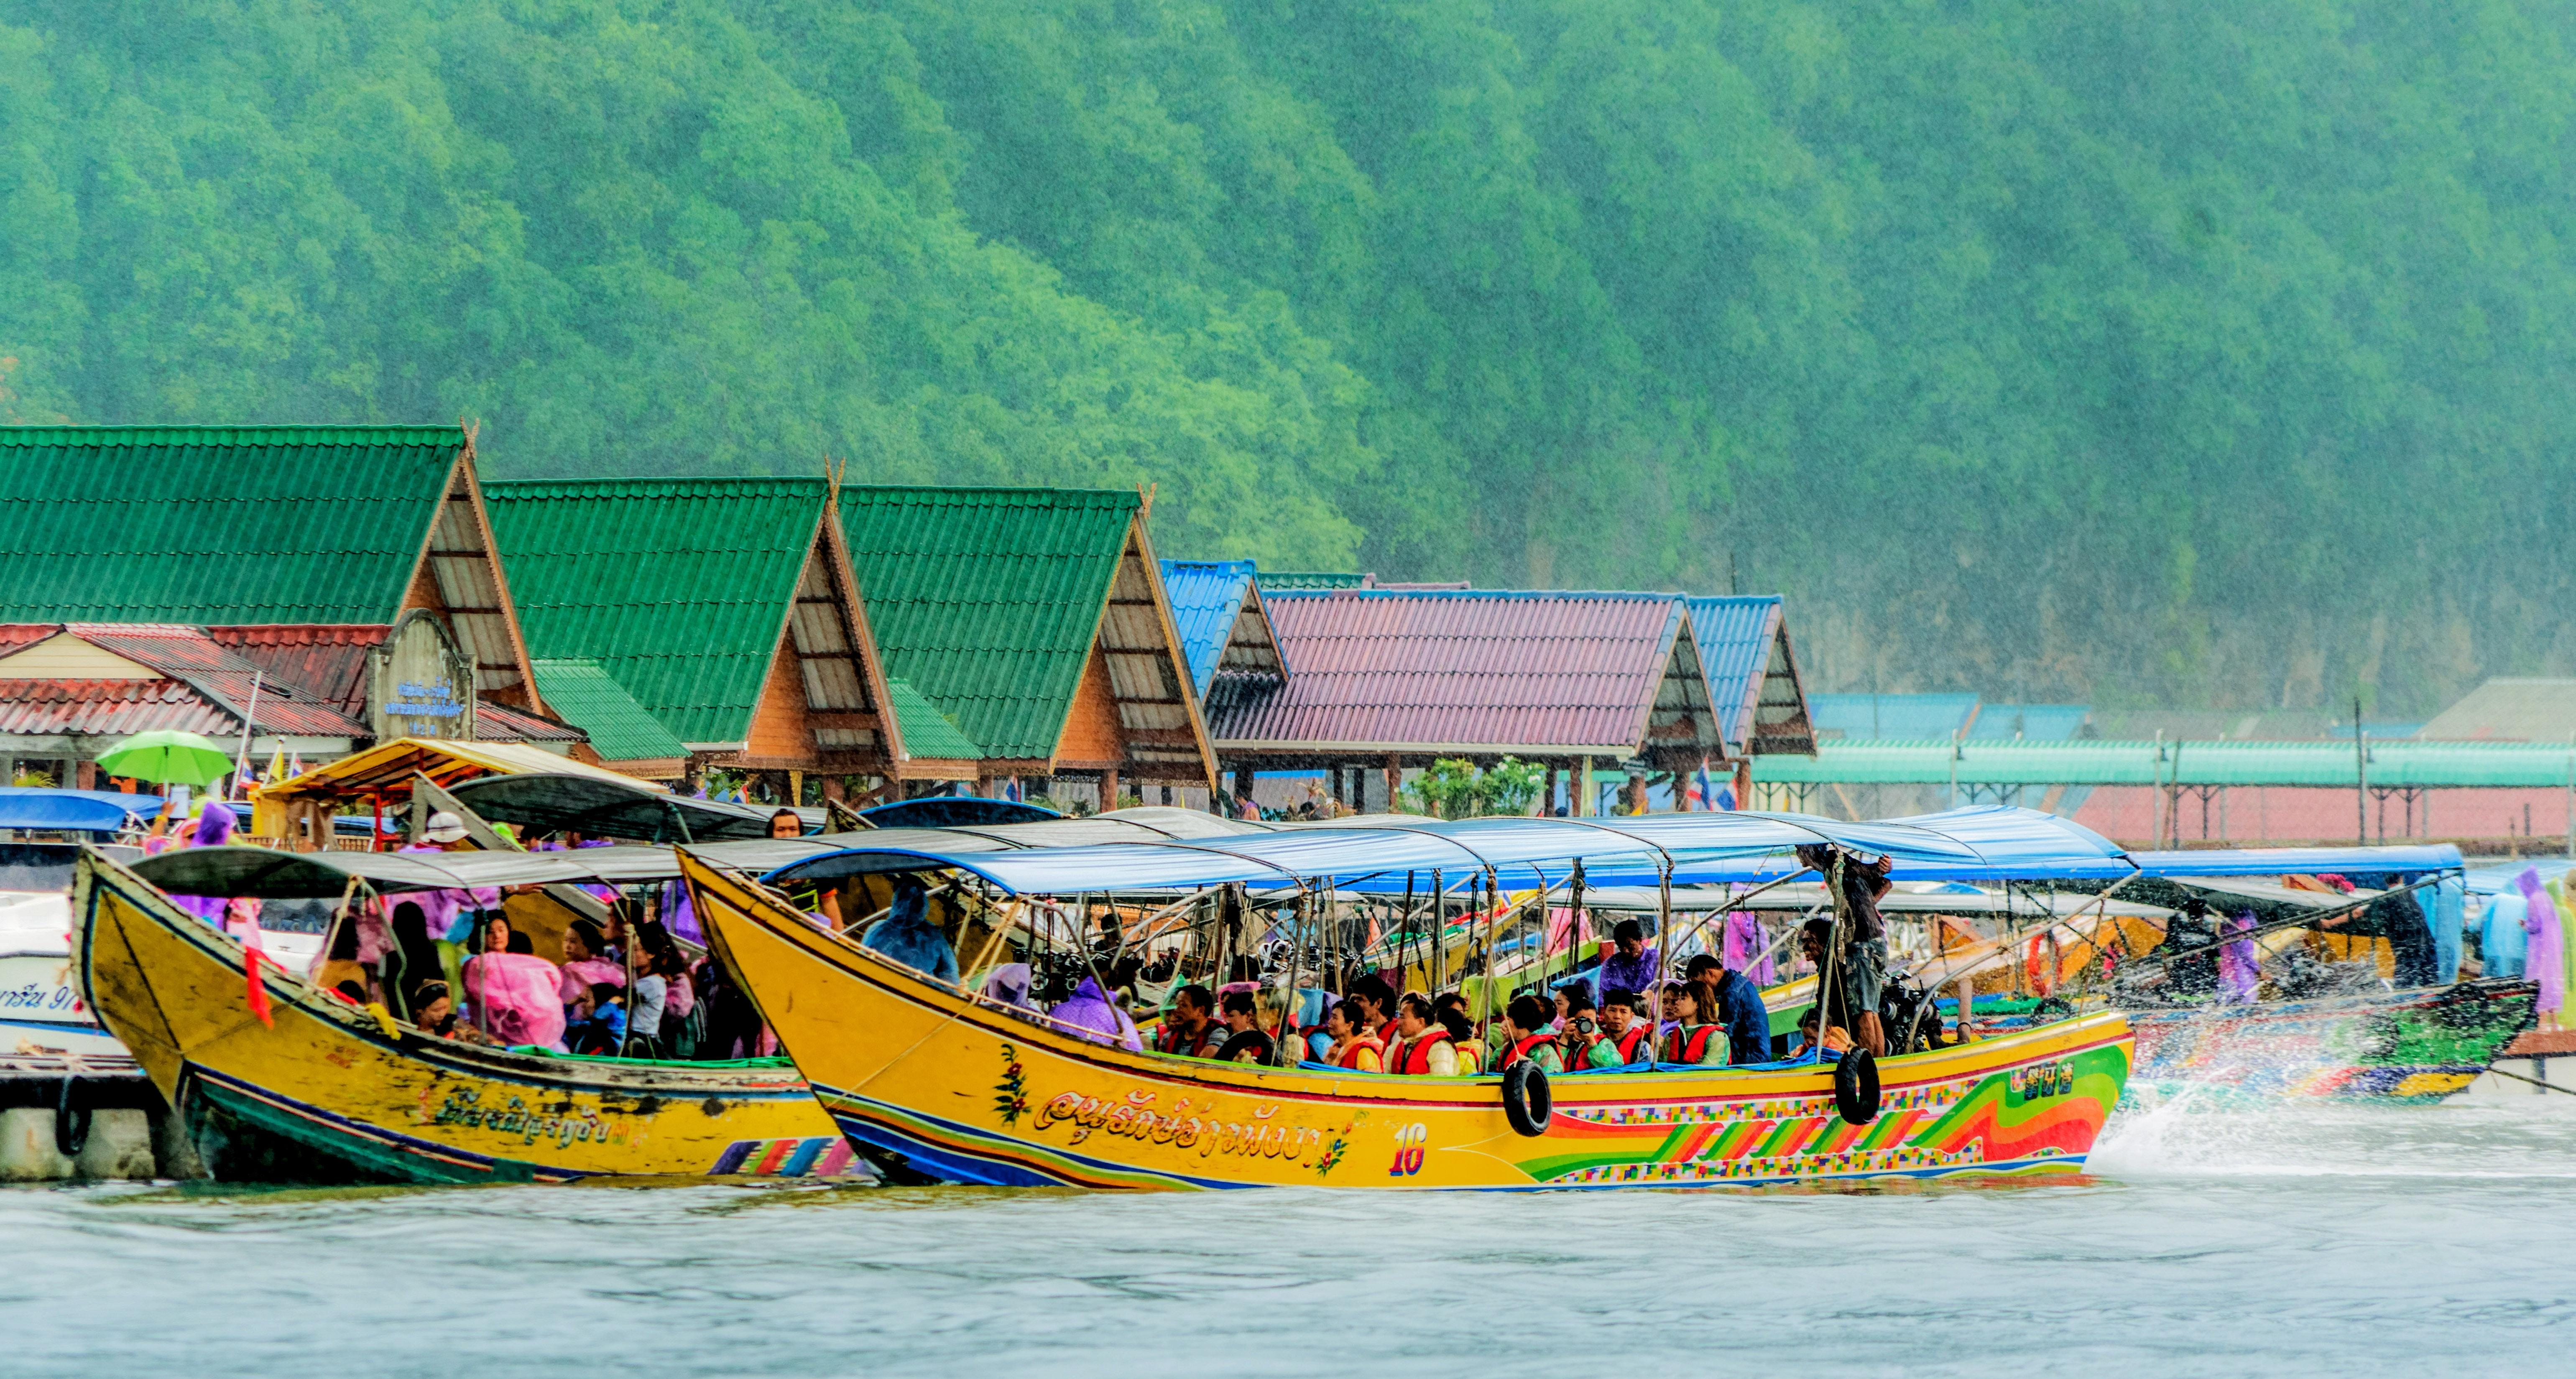 Poze Plajă Mare Apă Barcă Voiaj Vehicul Tropical